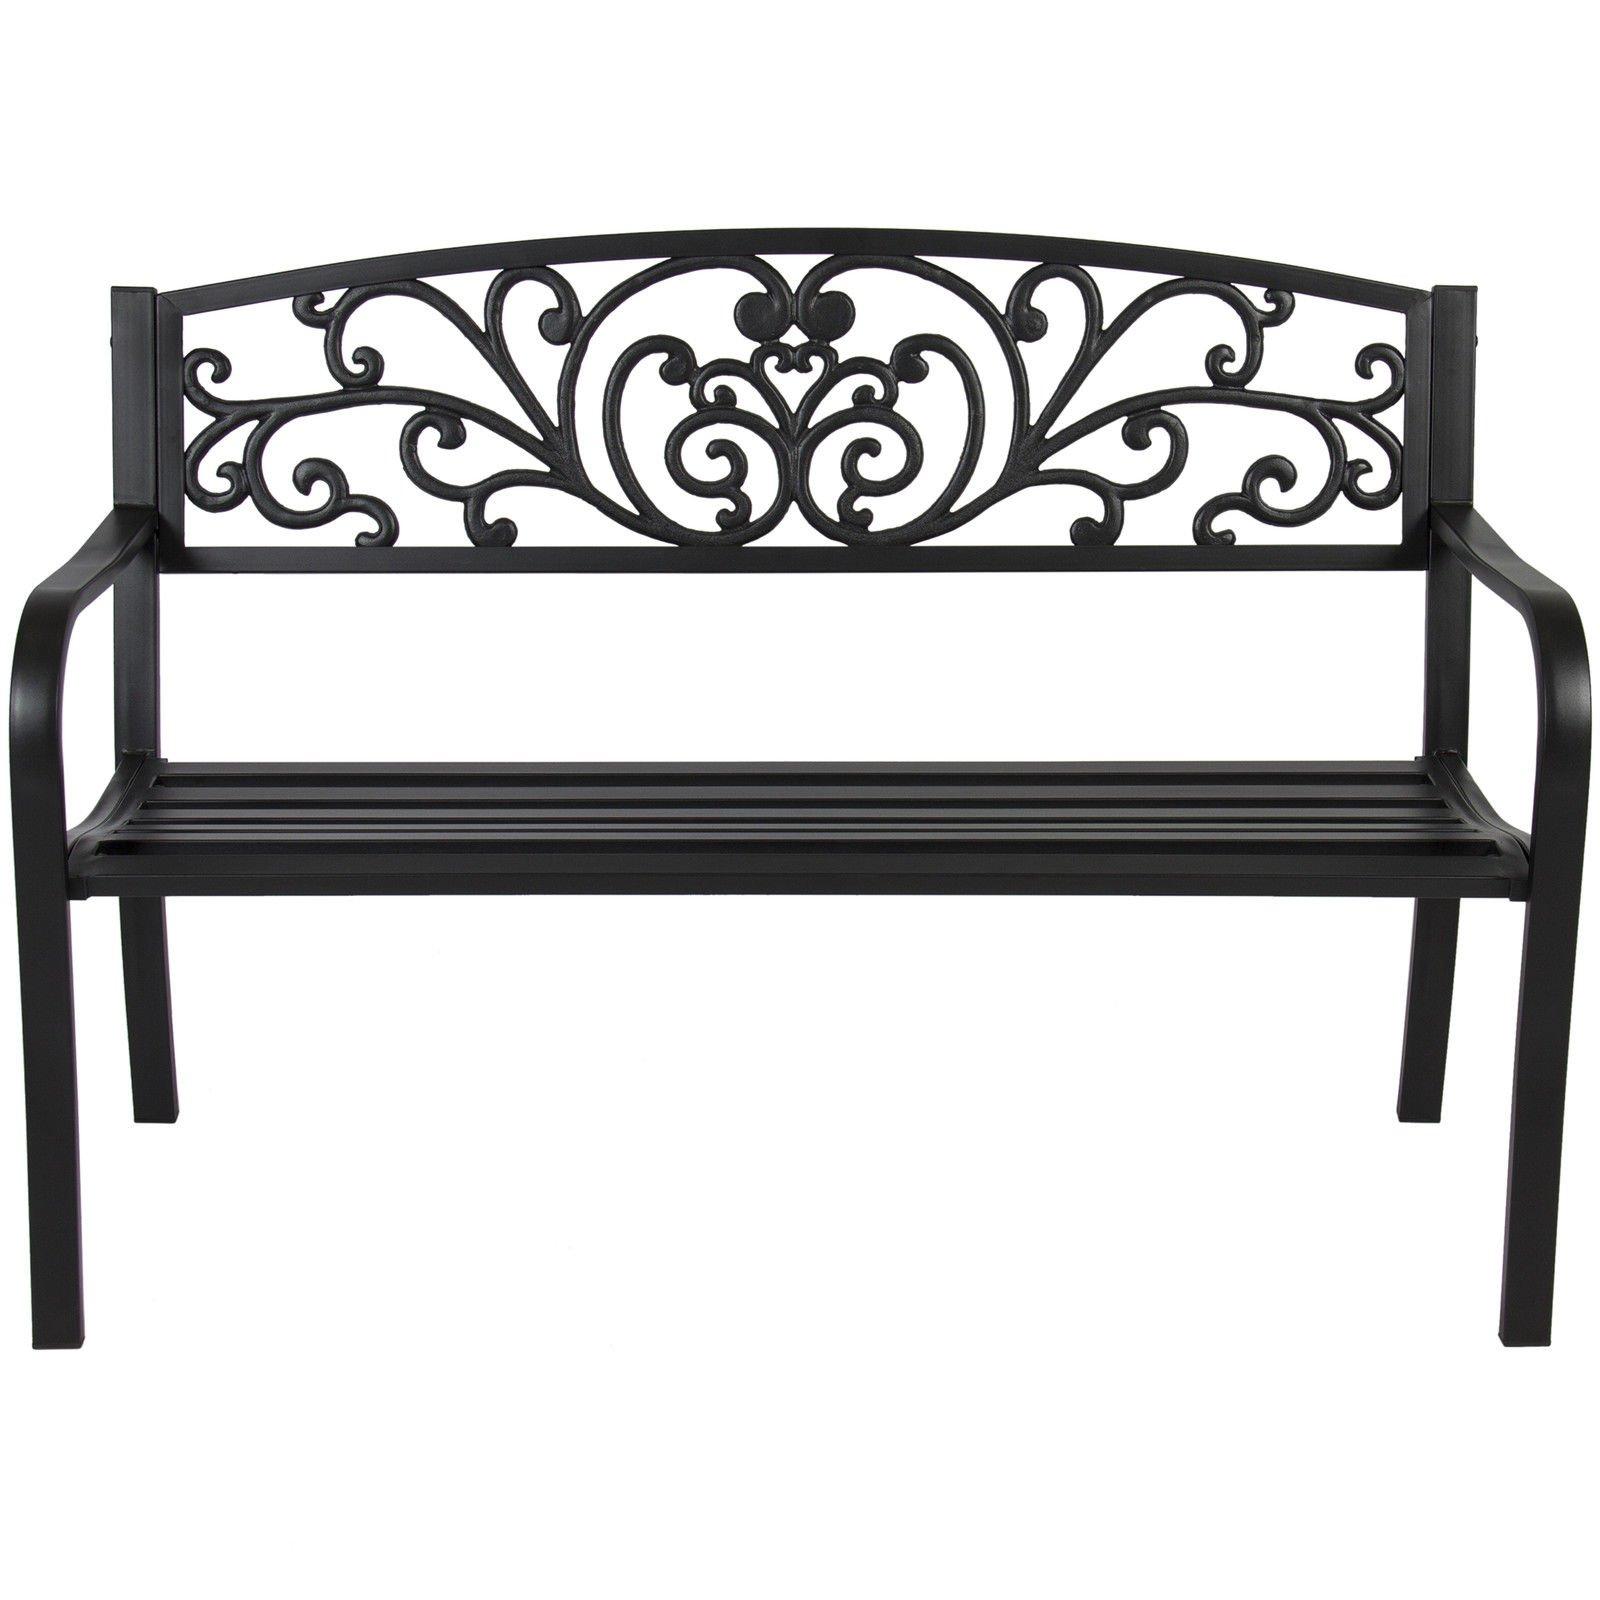 BCP 50'' Patio Garden Bench Park Yard Outdoor Furniture Steel Frame Porch Chair